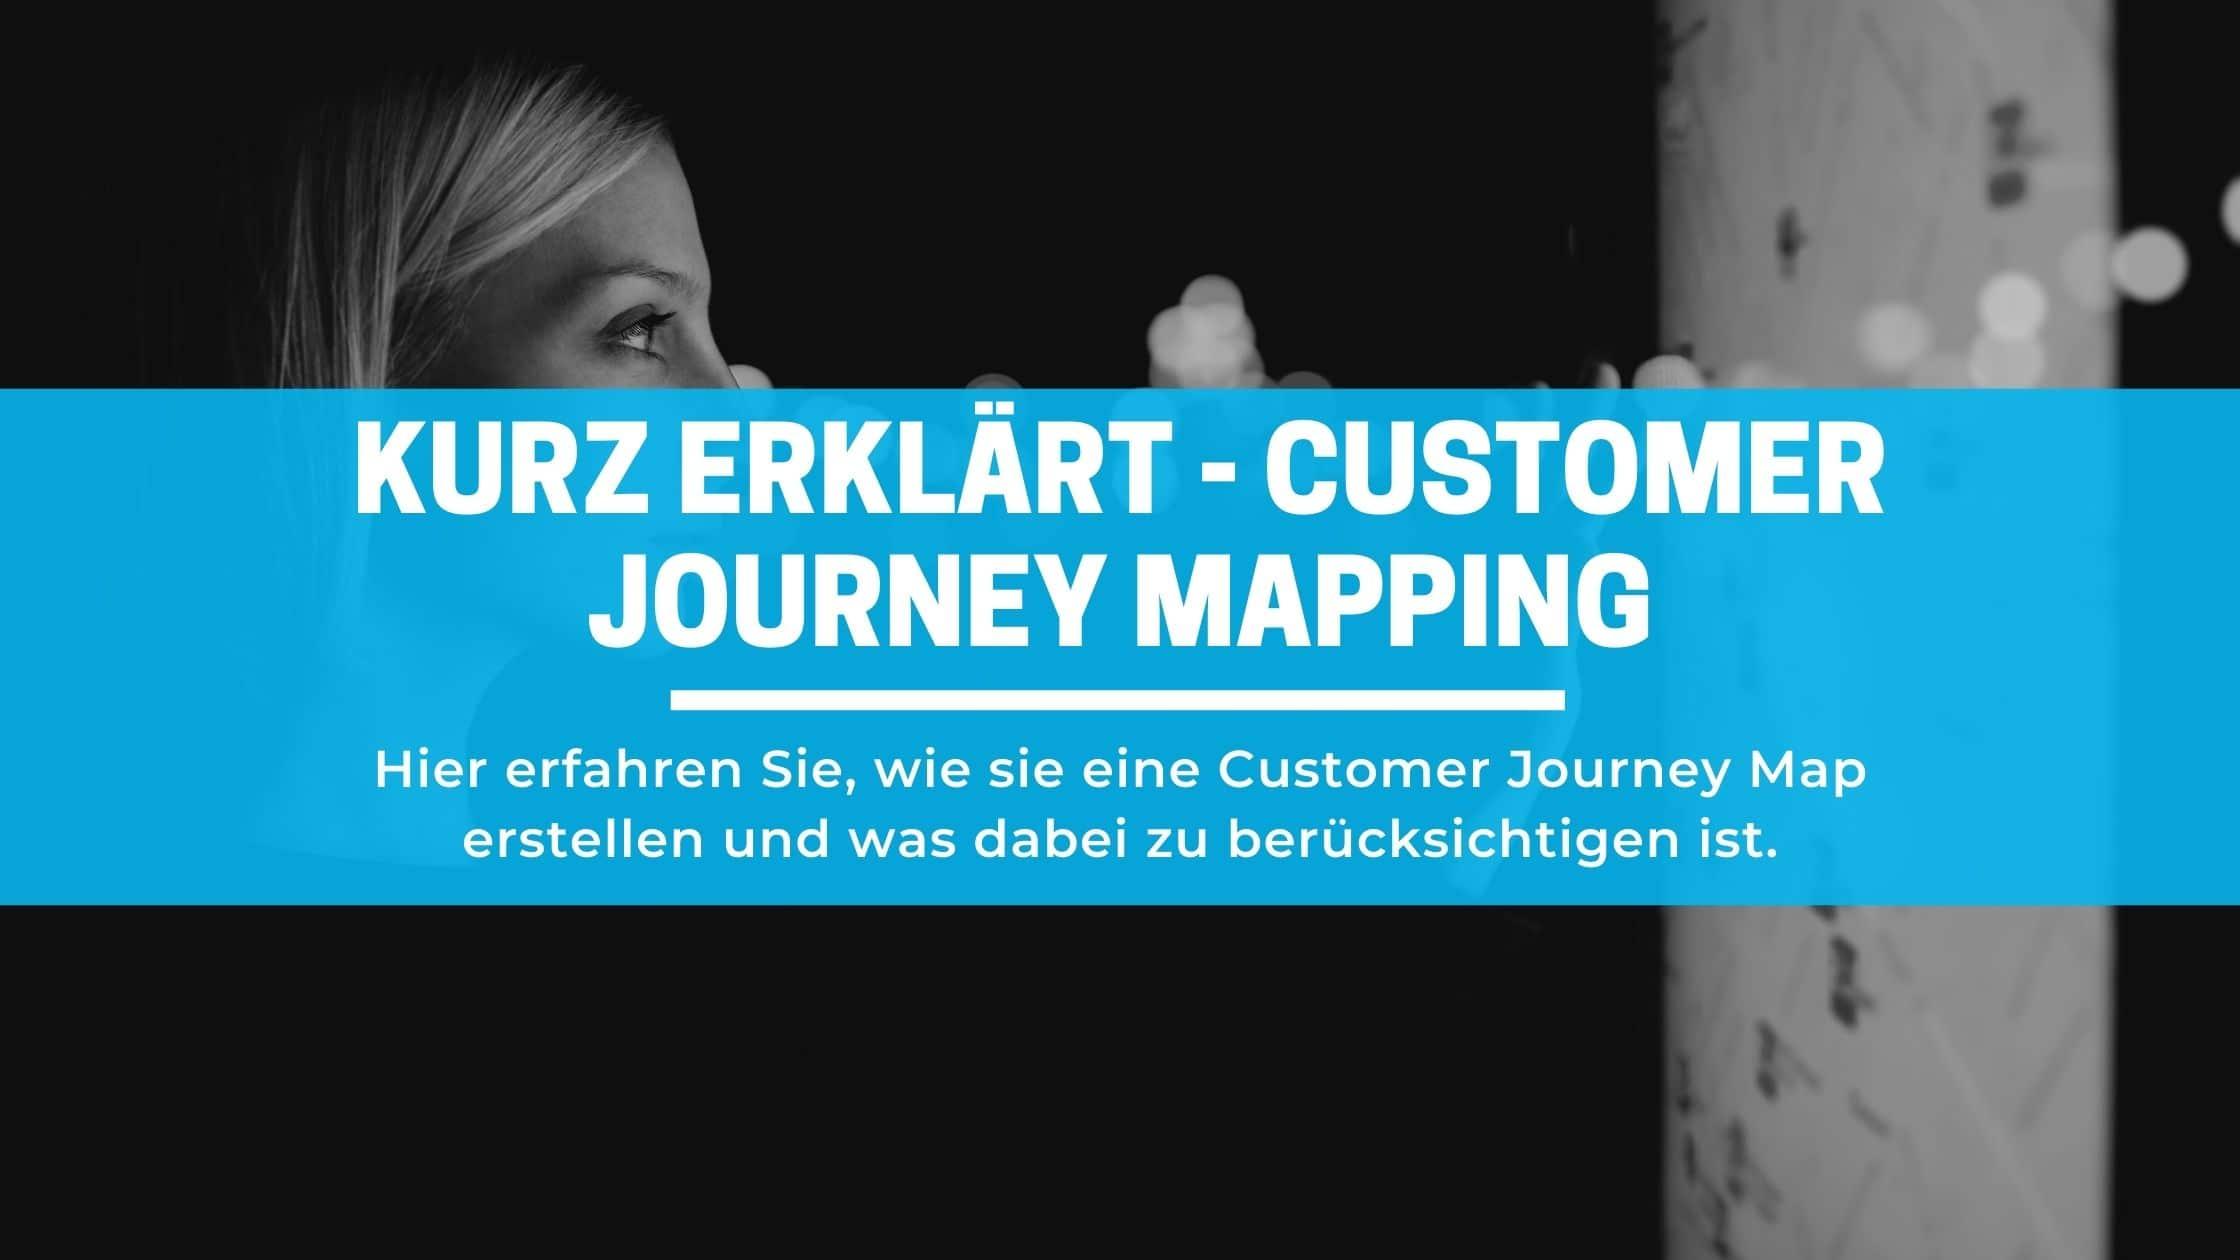 Hier erfahren Sie wie sie eine Customer Journey Map erstellen und was dabei zu beruecksichtigen ist.